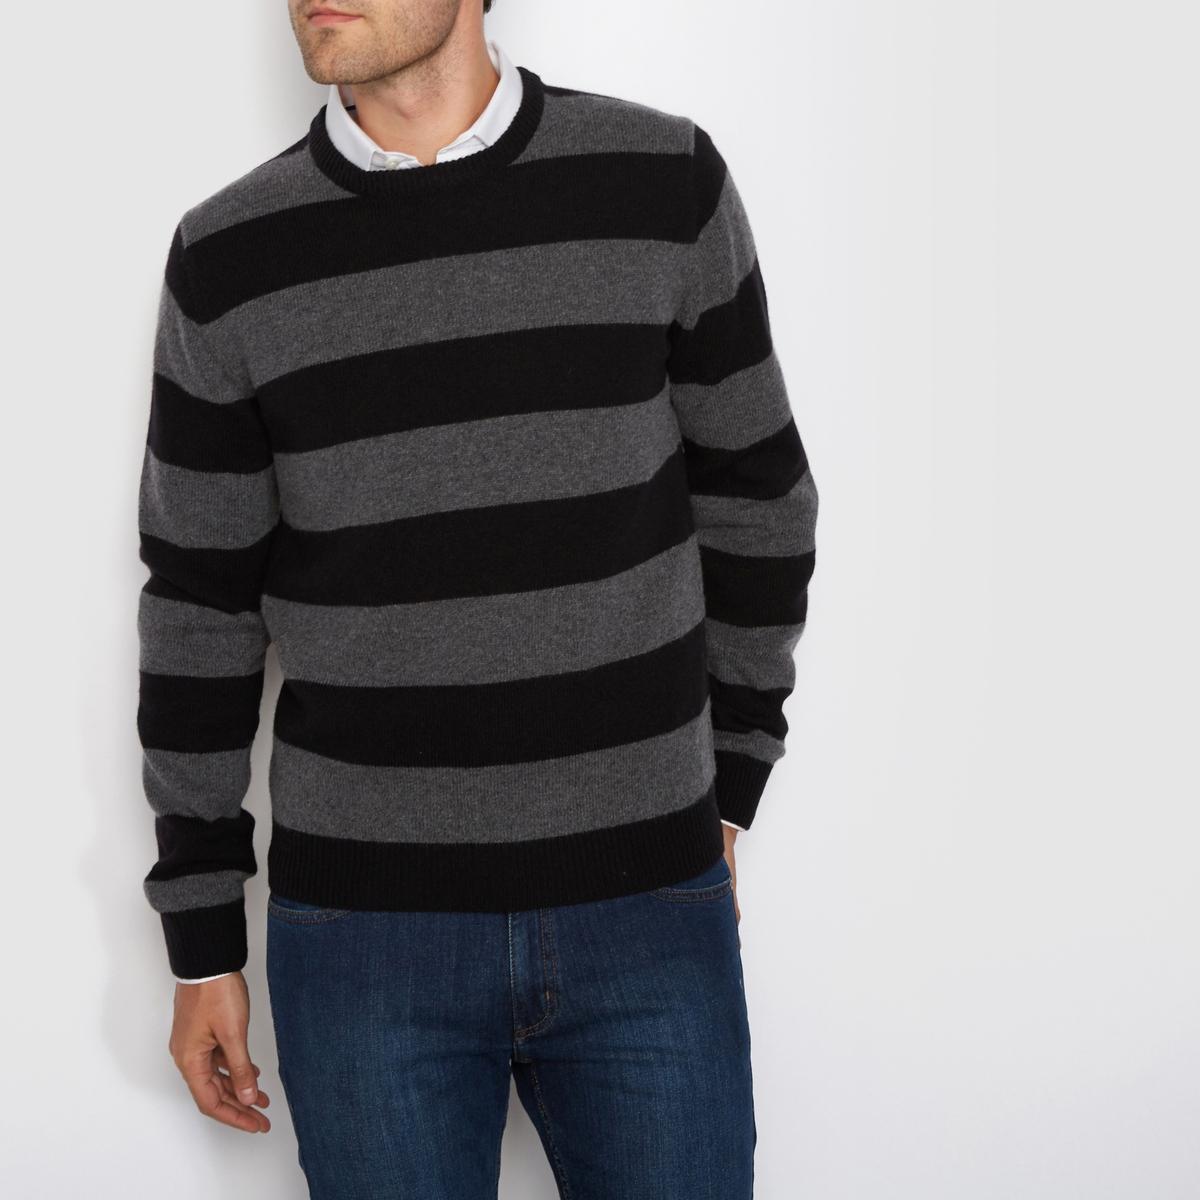 Пуловер в полоску из шерсти ягненкаСостав и описаниеМатериал : 100% шерсти ягненка (Lambswool)Марка : R EssentielУходСледуйте рекомендациям по уходу, указанным на ярлыке изделия<br><br>Цвет: в полоску серый/черный